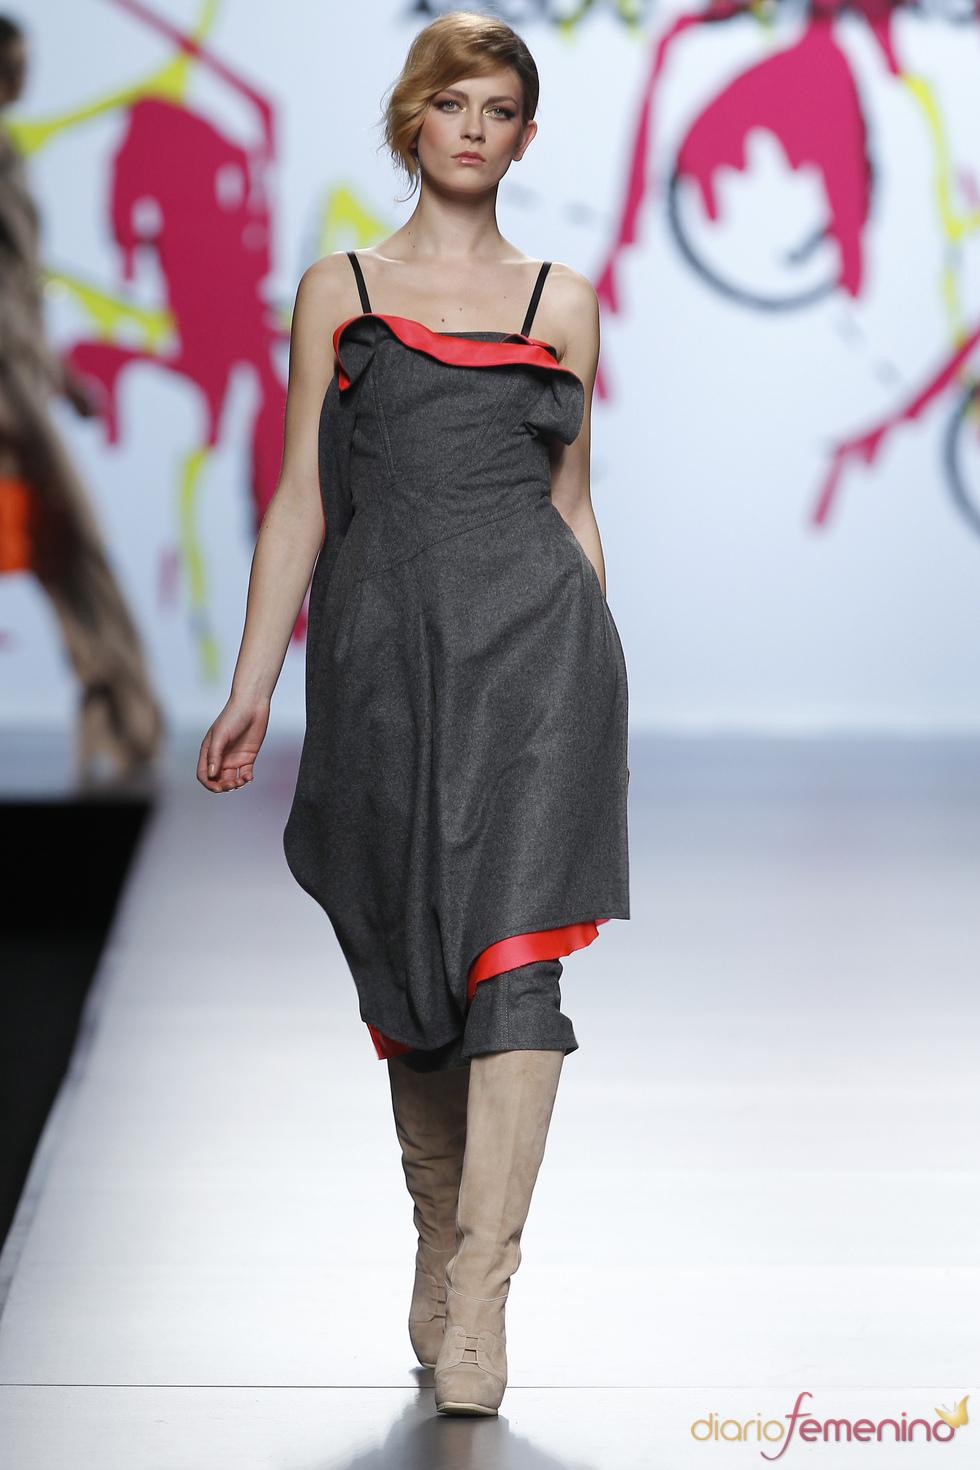 Vestido asimétrico, mezcla de tejidos, propuesta de Adolfo Domínguez